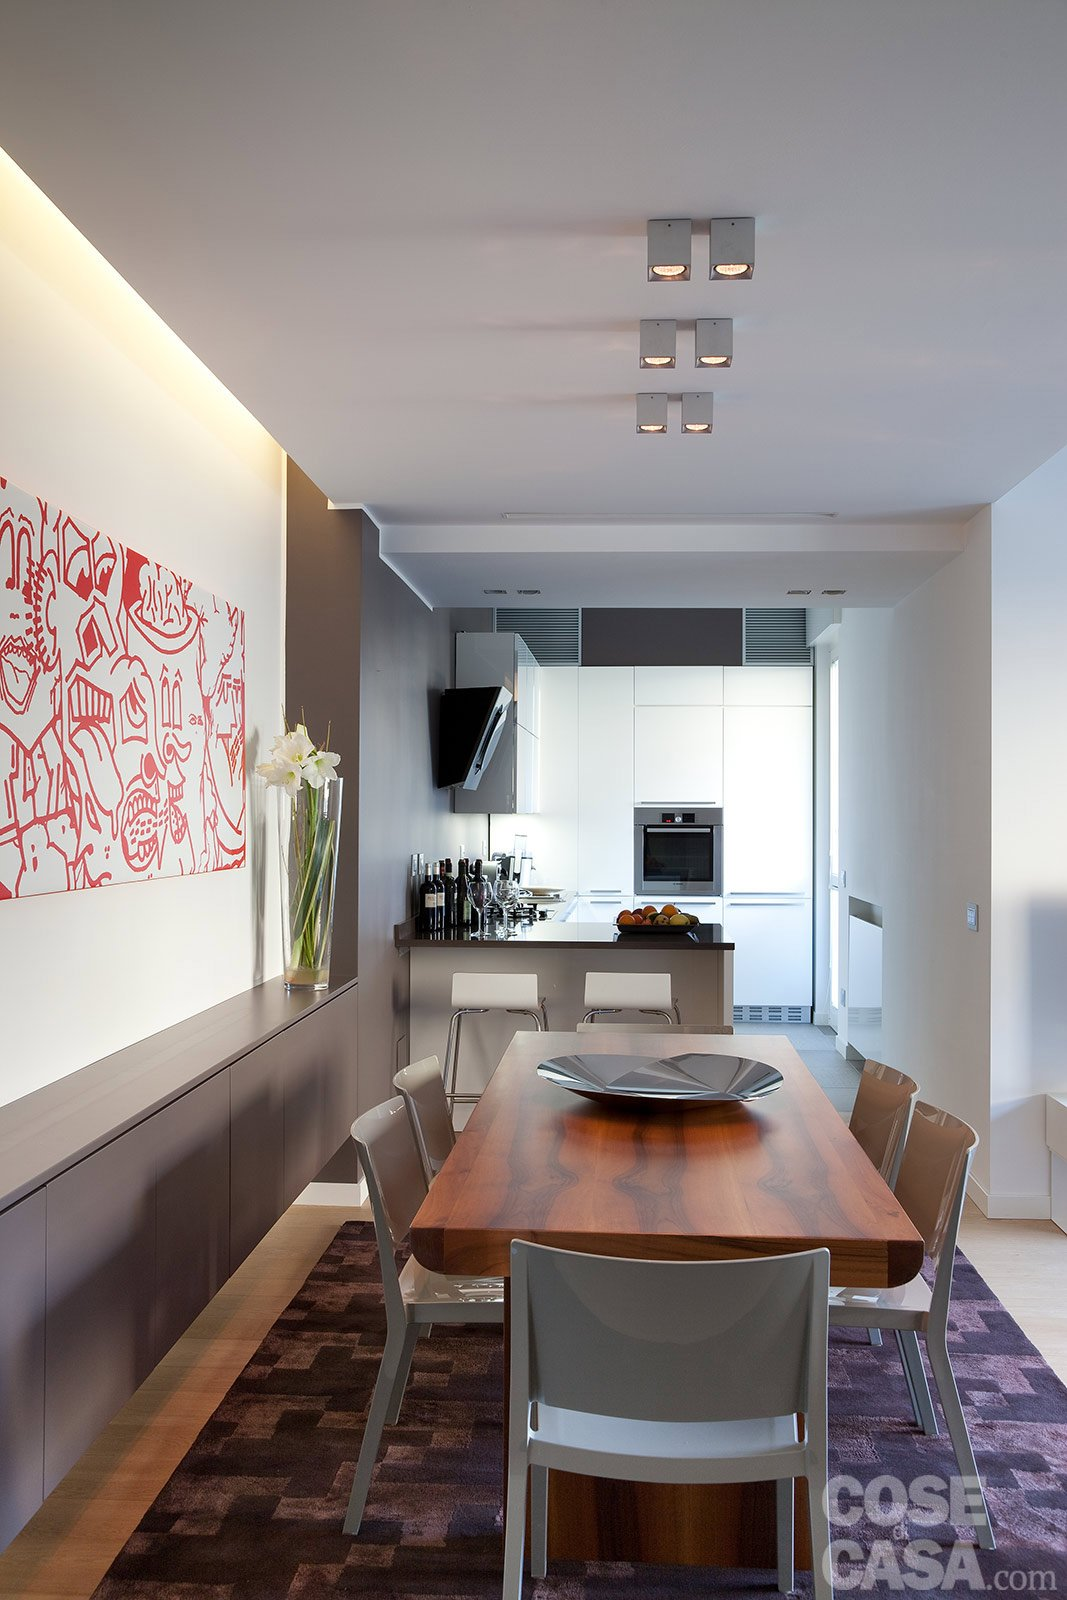 Casa immobiliare, accessori: Tavolo soggiorno